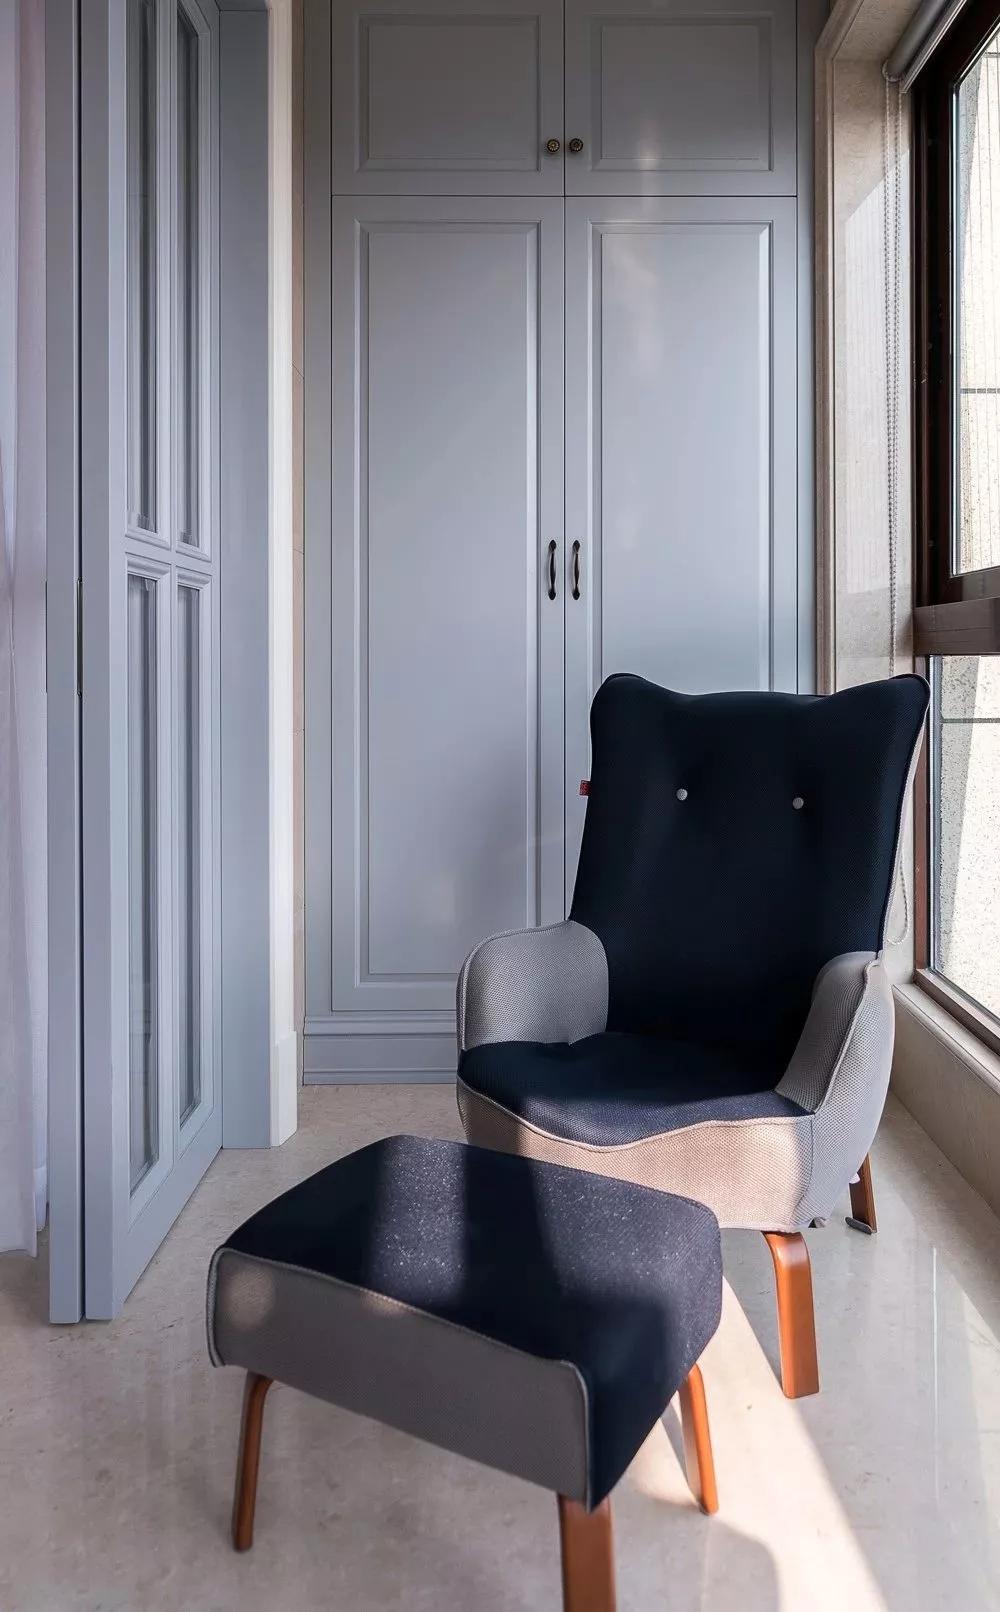 阳台摆上一套布艺休闲椅,沐浴在阳光里,在窗边小憩或品咖啡或读书,惬意生活自此开启。